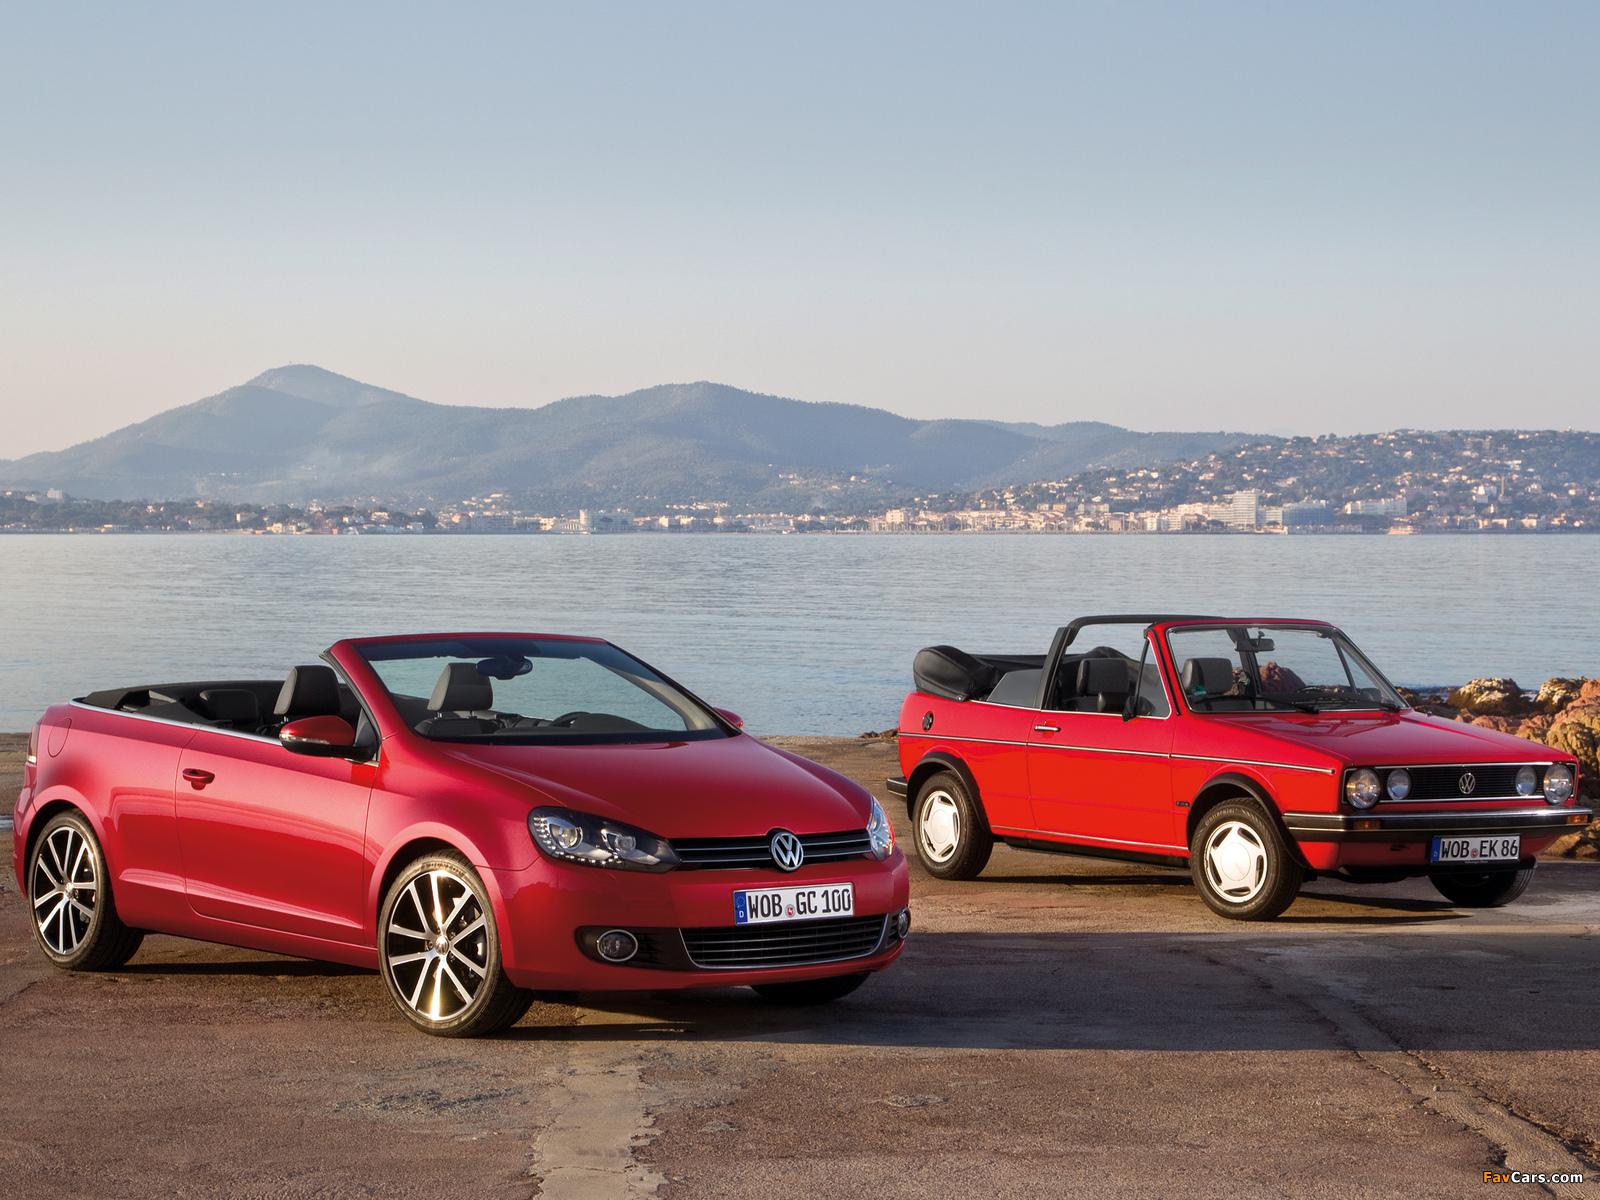 Pictures of Volkswagen Golf (1600 x 1200)